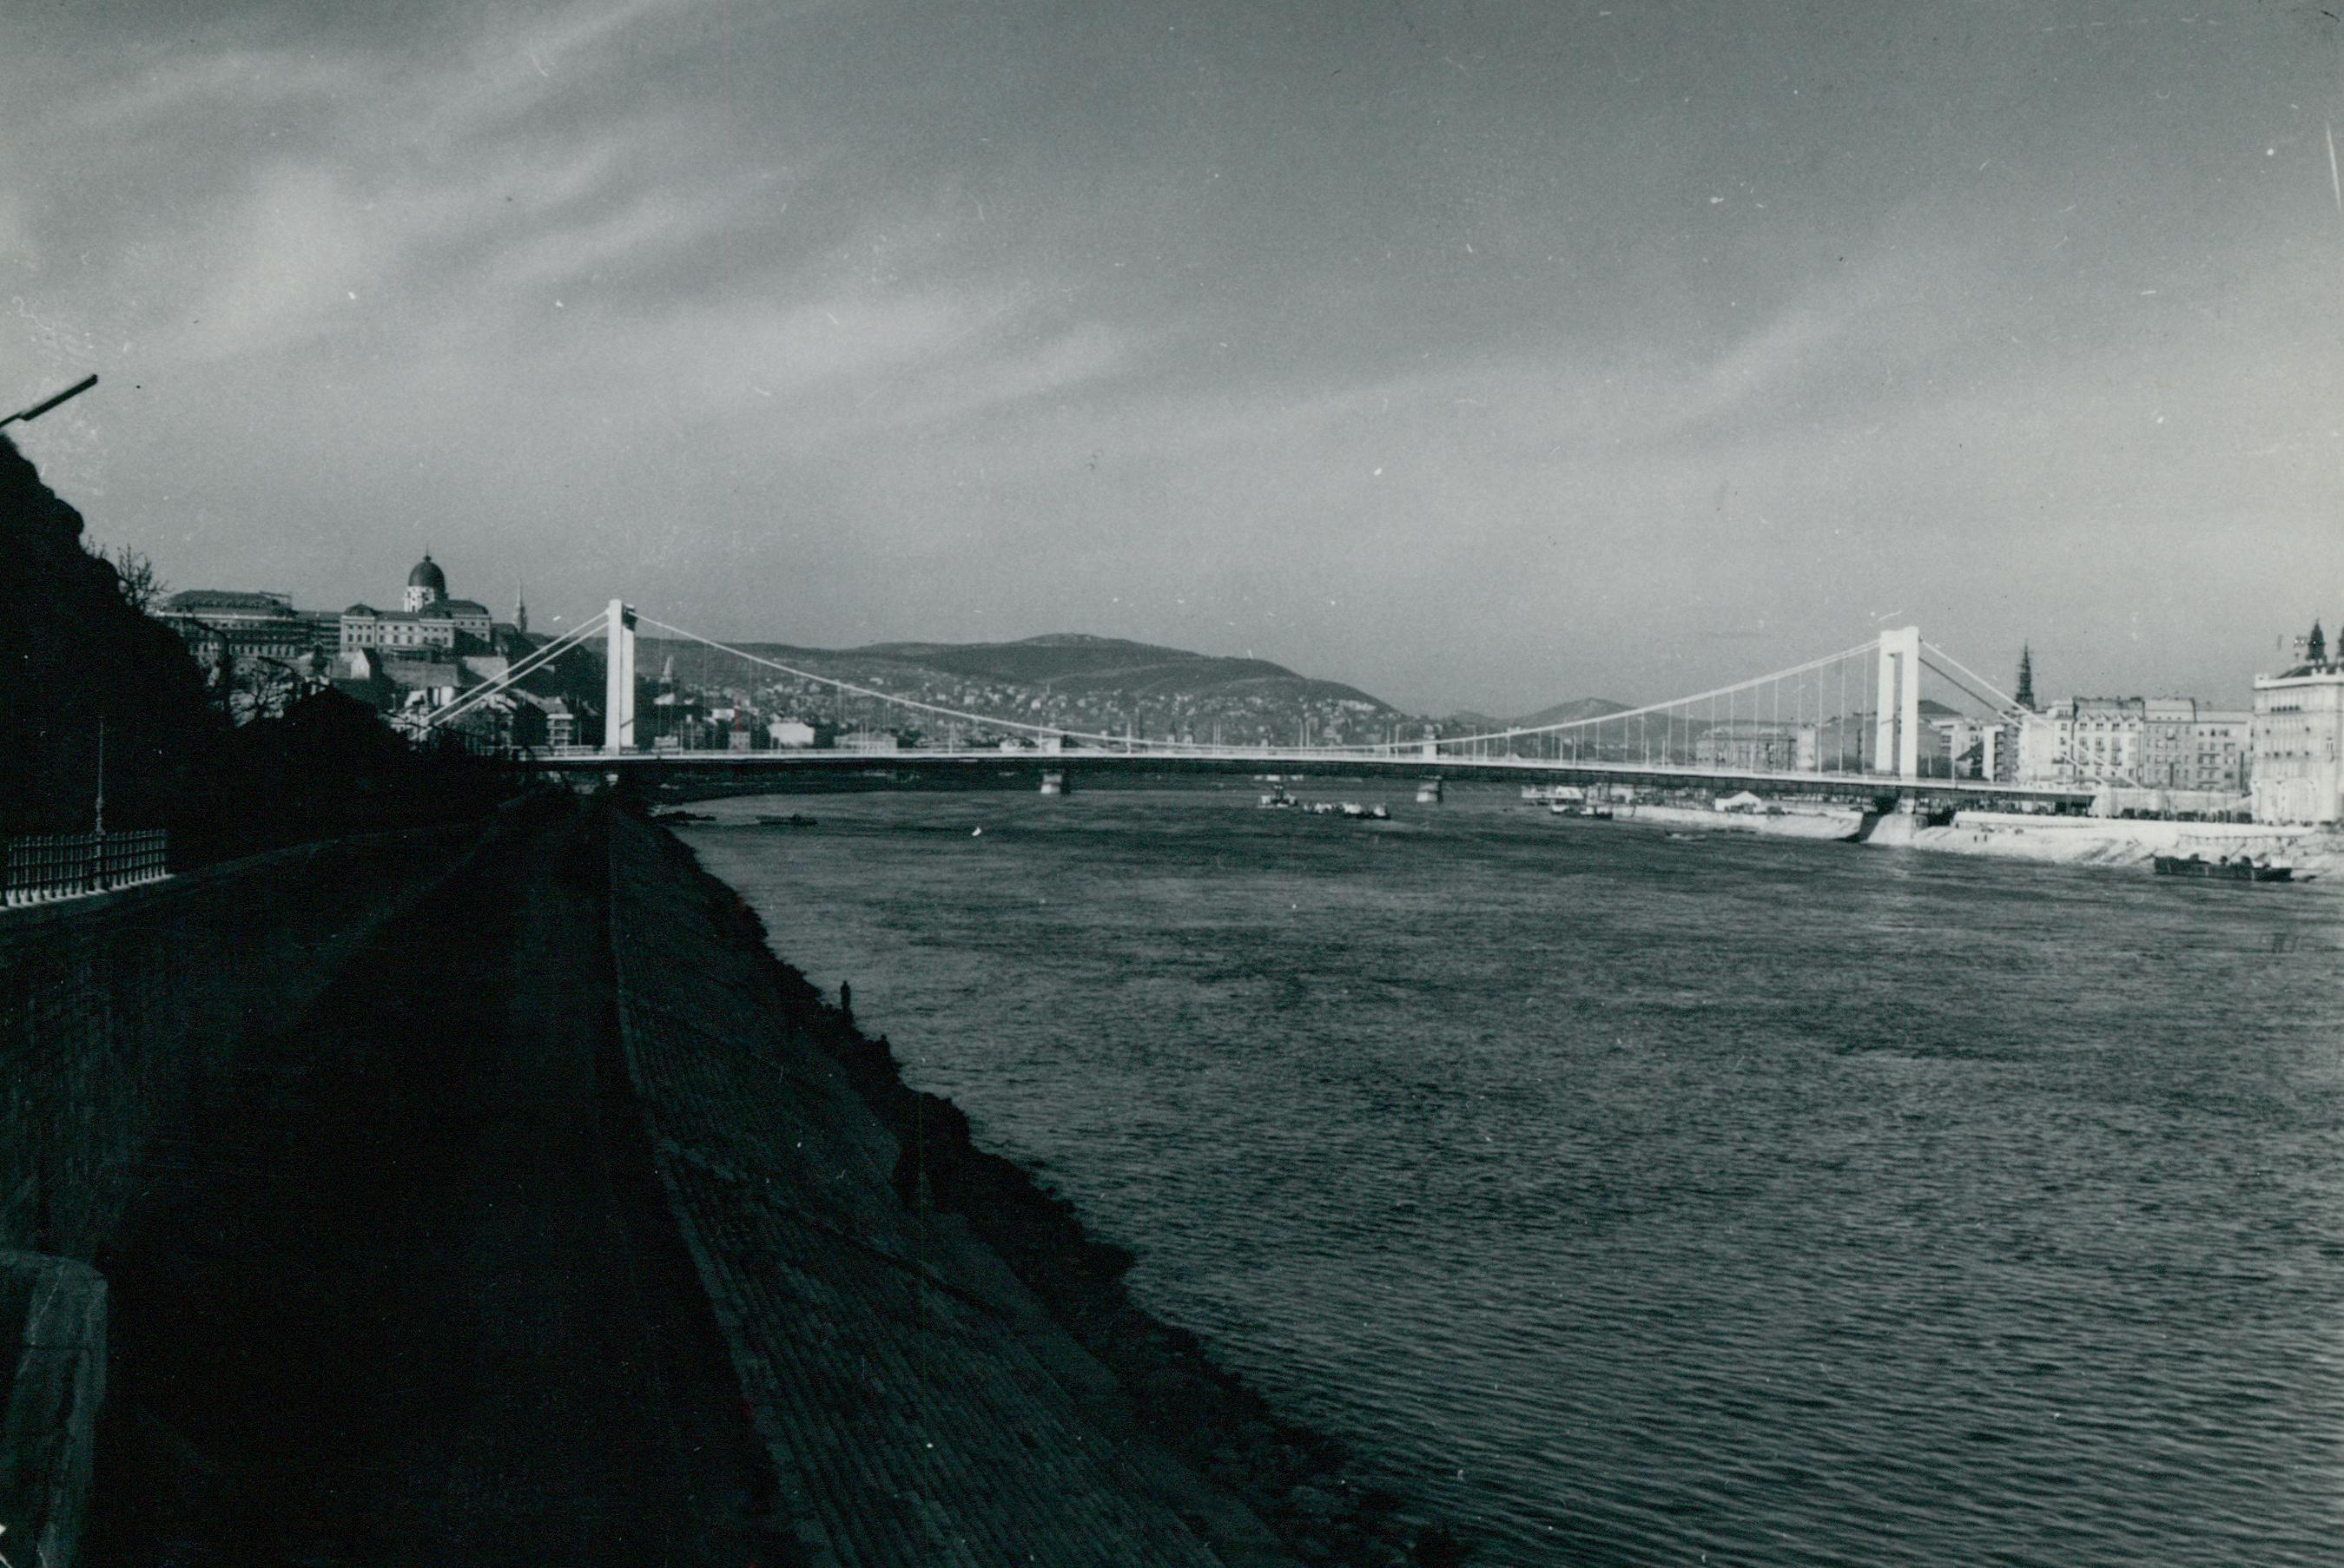 Budapesti látkép az Erzsébet híddal